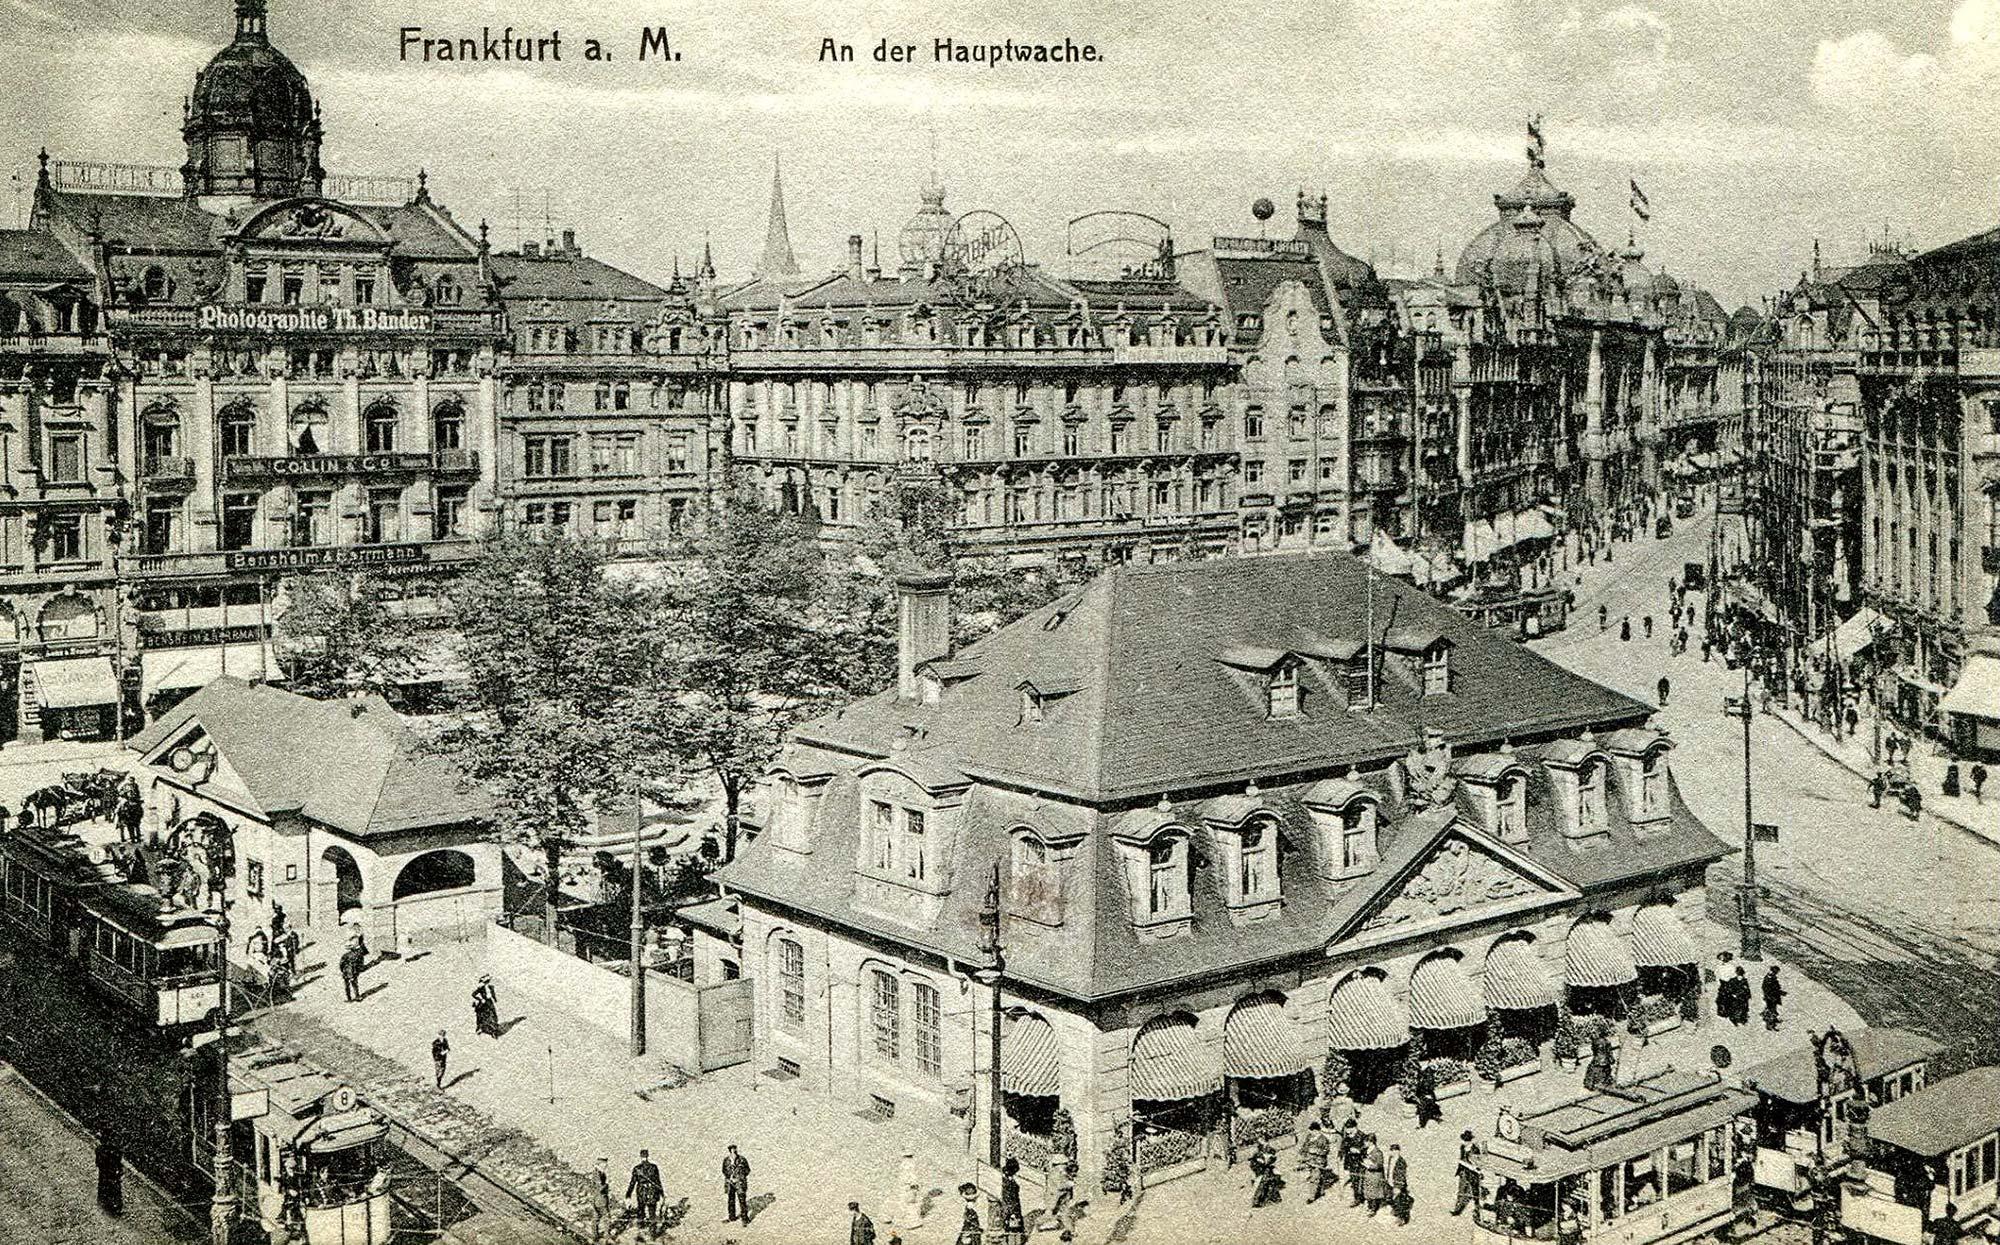 Neustadt Frankfurt am Main um 1910 - Die Hauptwache in Frankfurt a.M.